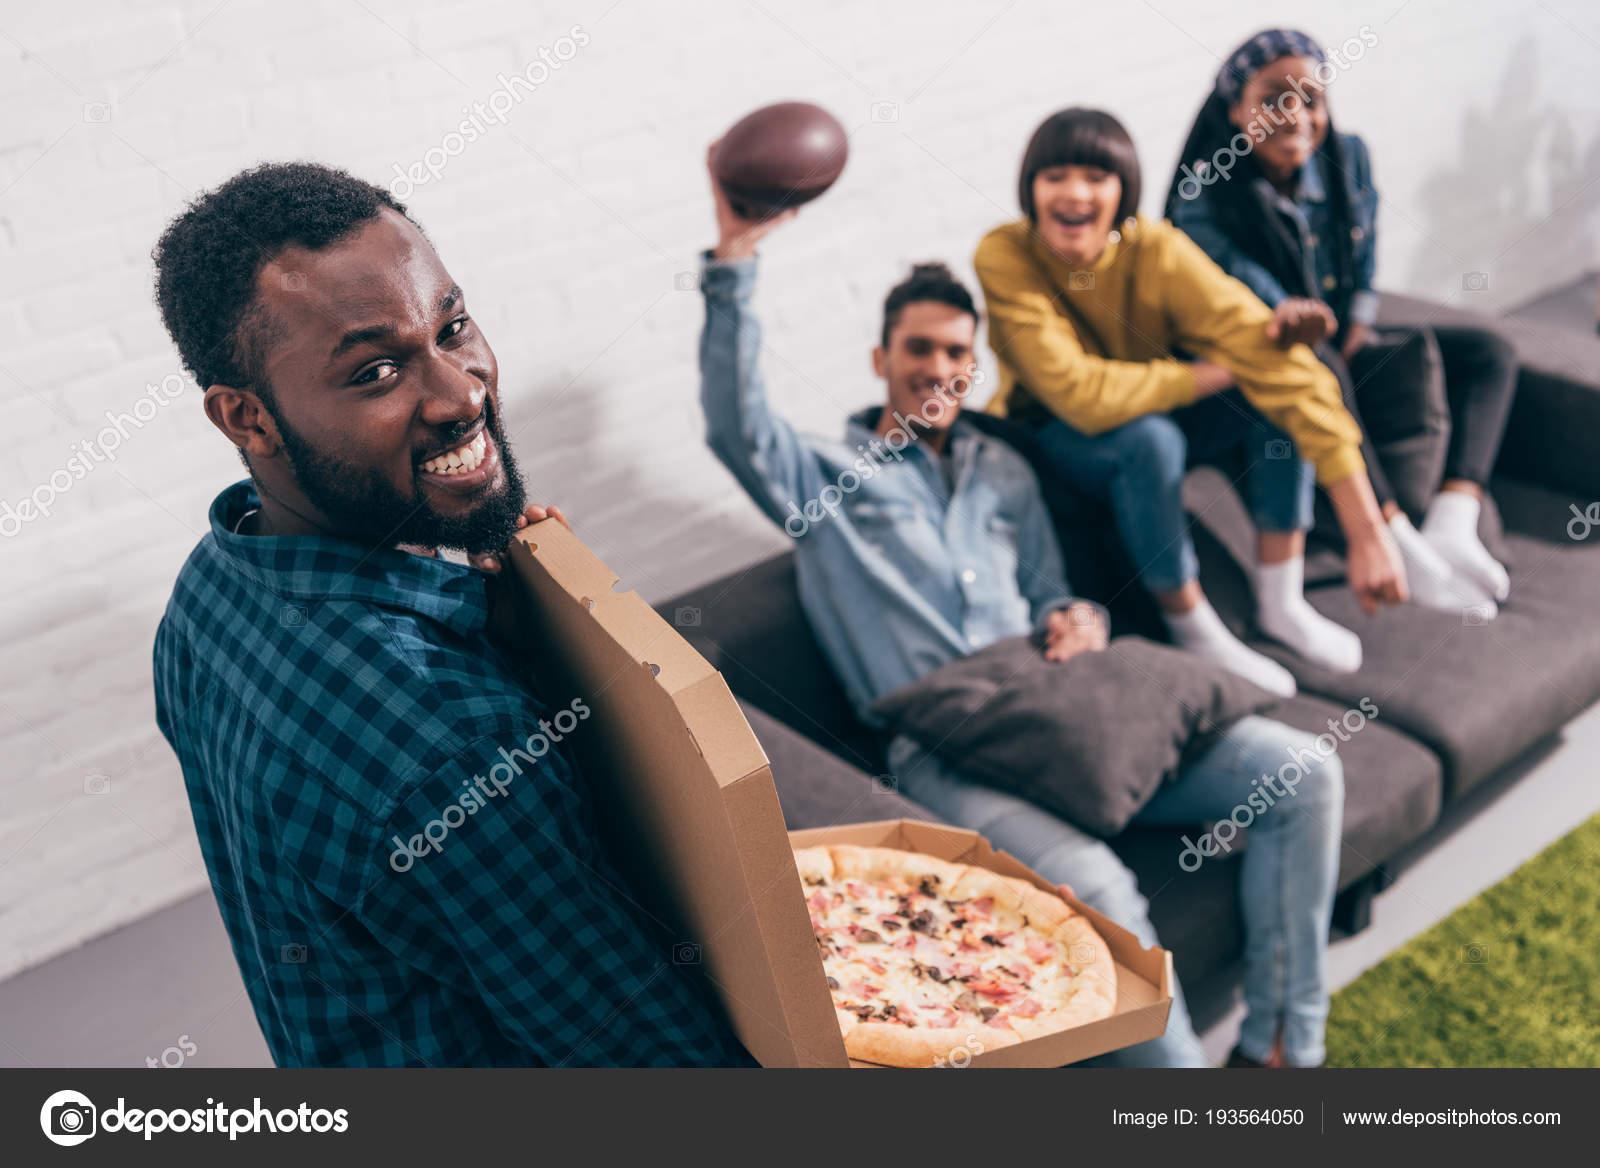 μεγάλοι μαύροι άνδρες πιο υγρό μουνί φωτογραφίες